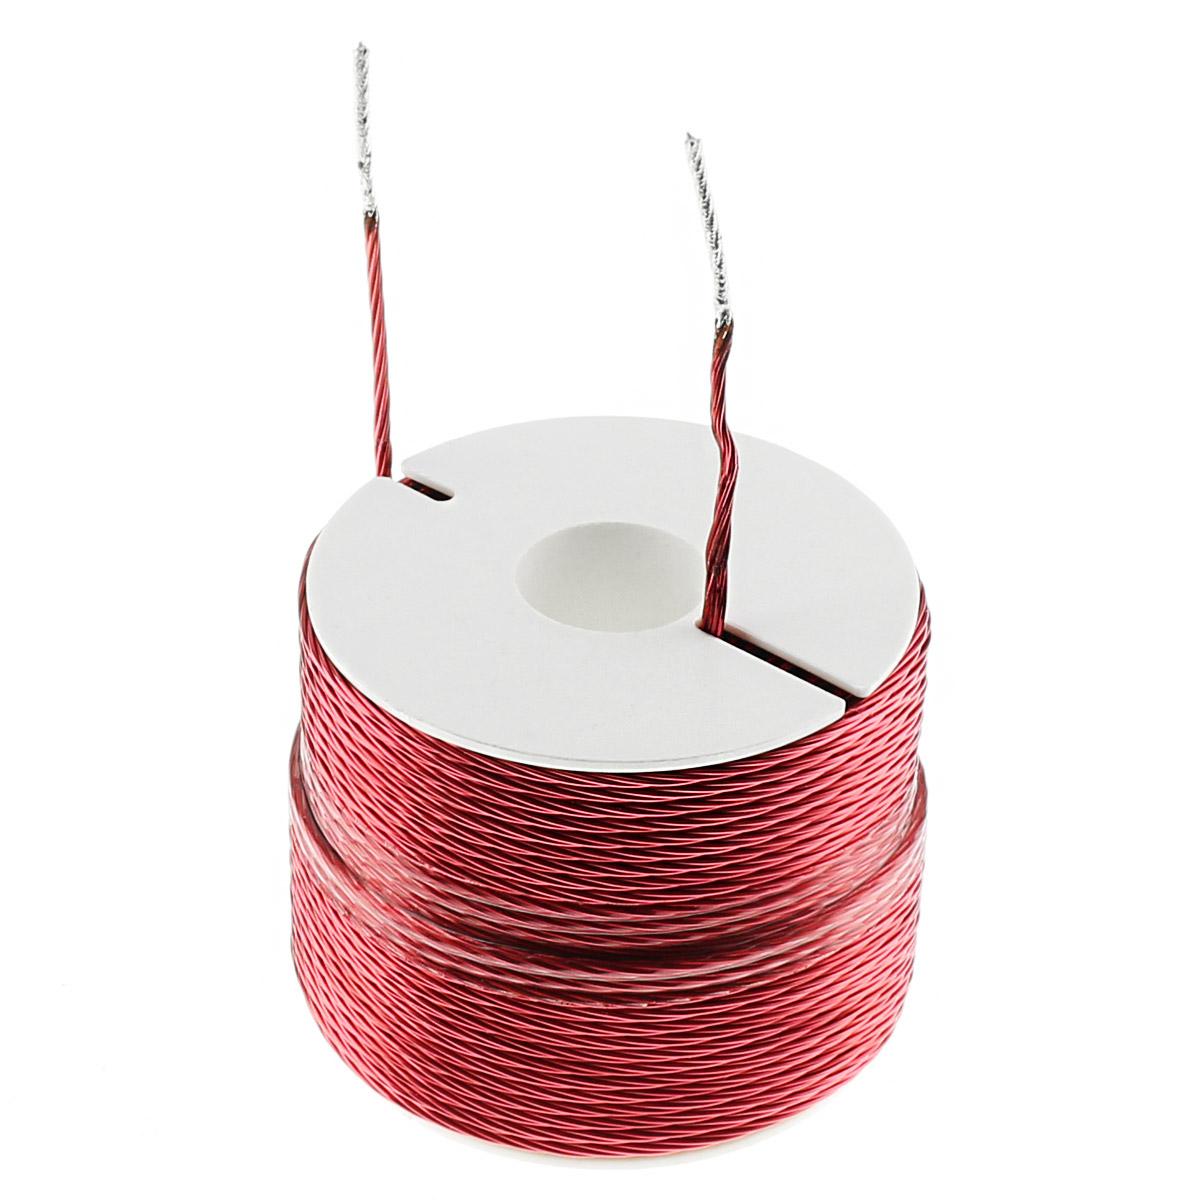 MUNDORF LL60 7 Strands Copper Wire Coil 0.68mH